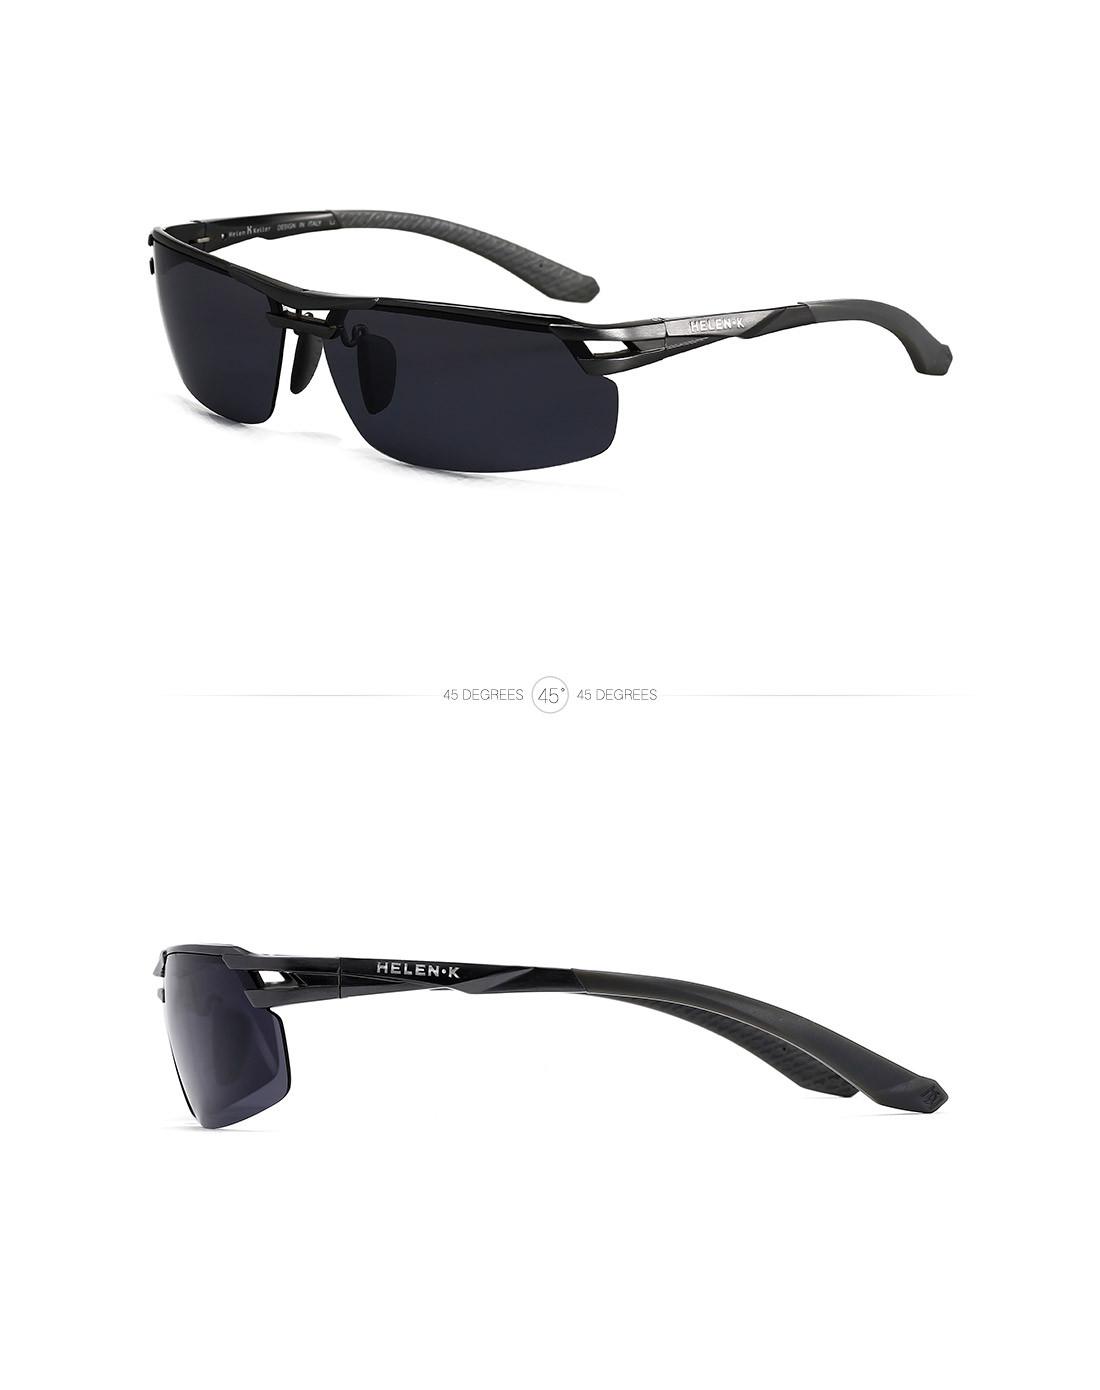 HELENKELLER男士元素刚硬专场眼镜v男士偏商业街景观设计质感图片